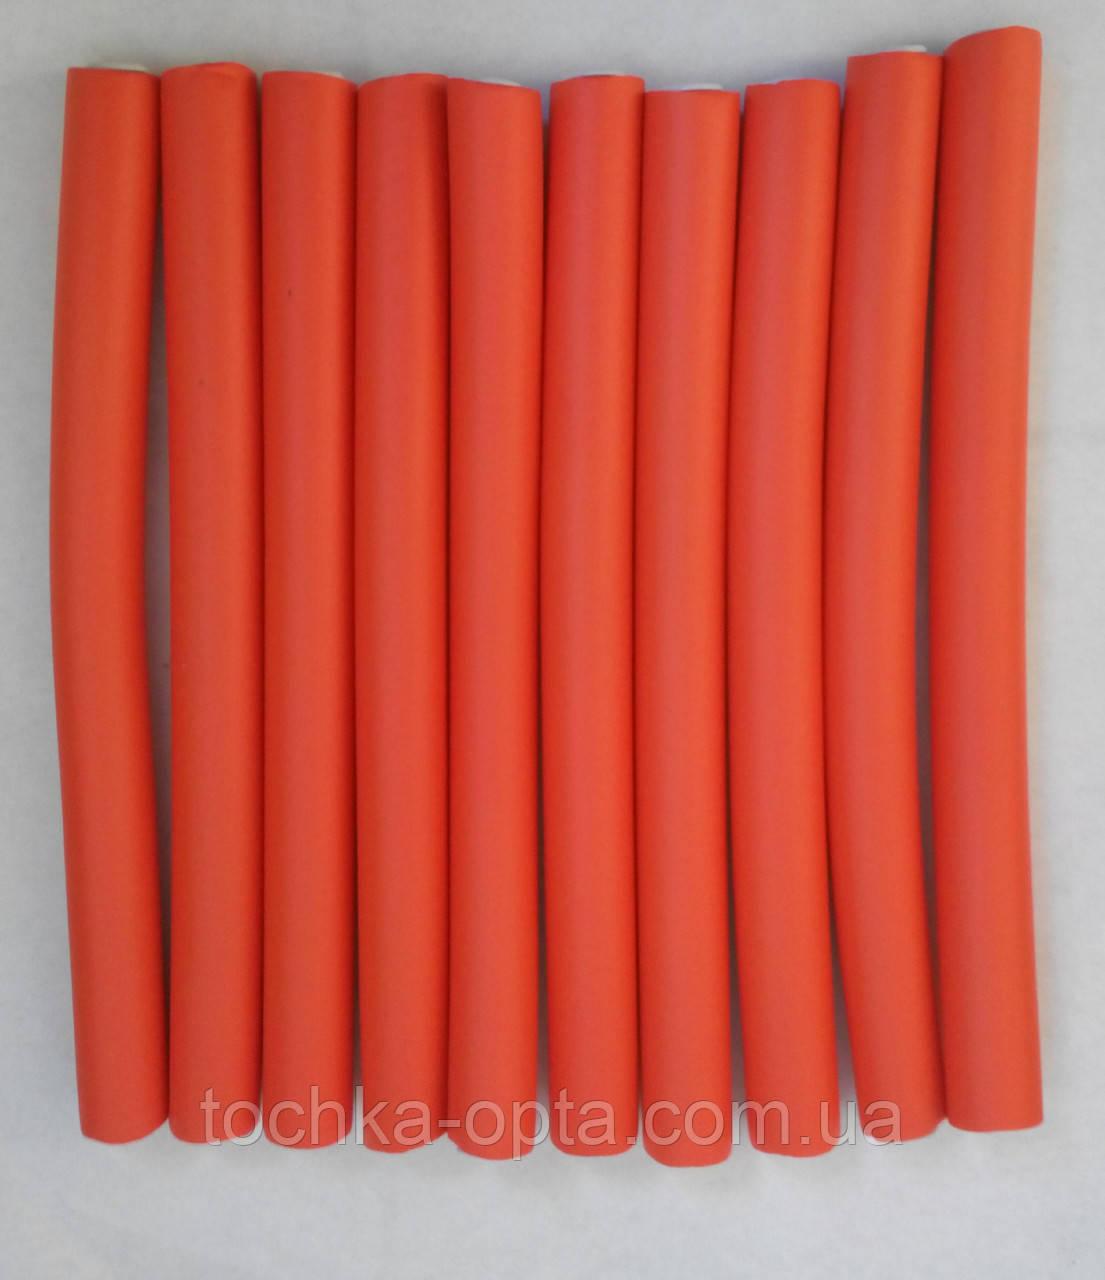 Бигуди длинные резиновые  №2